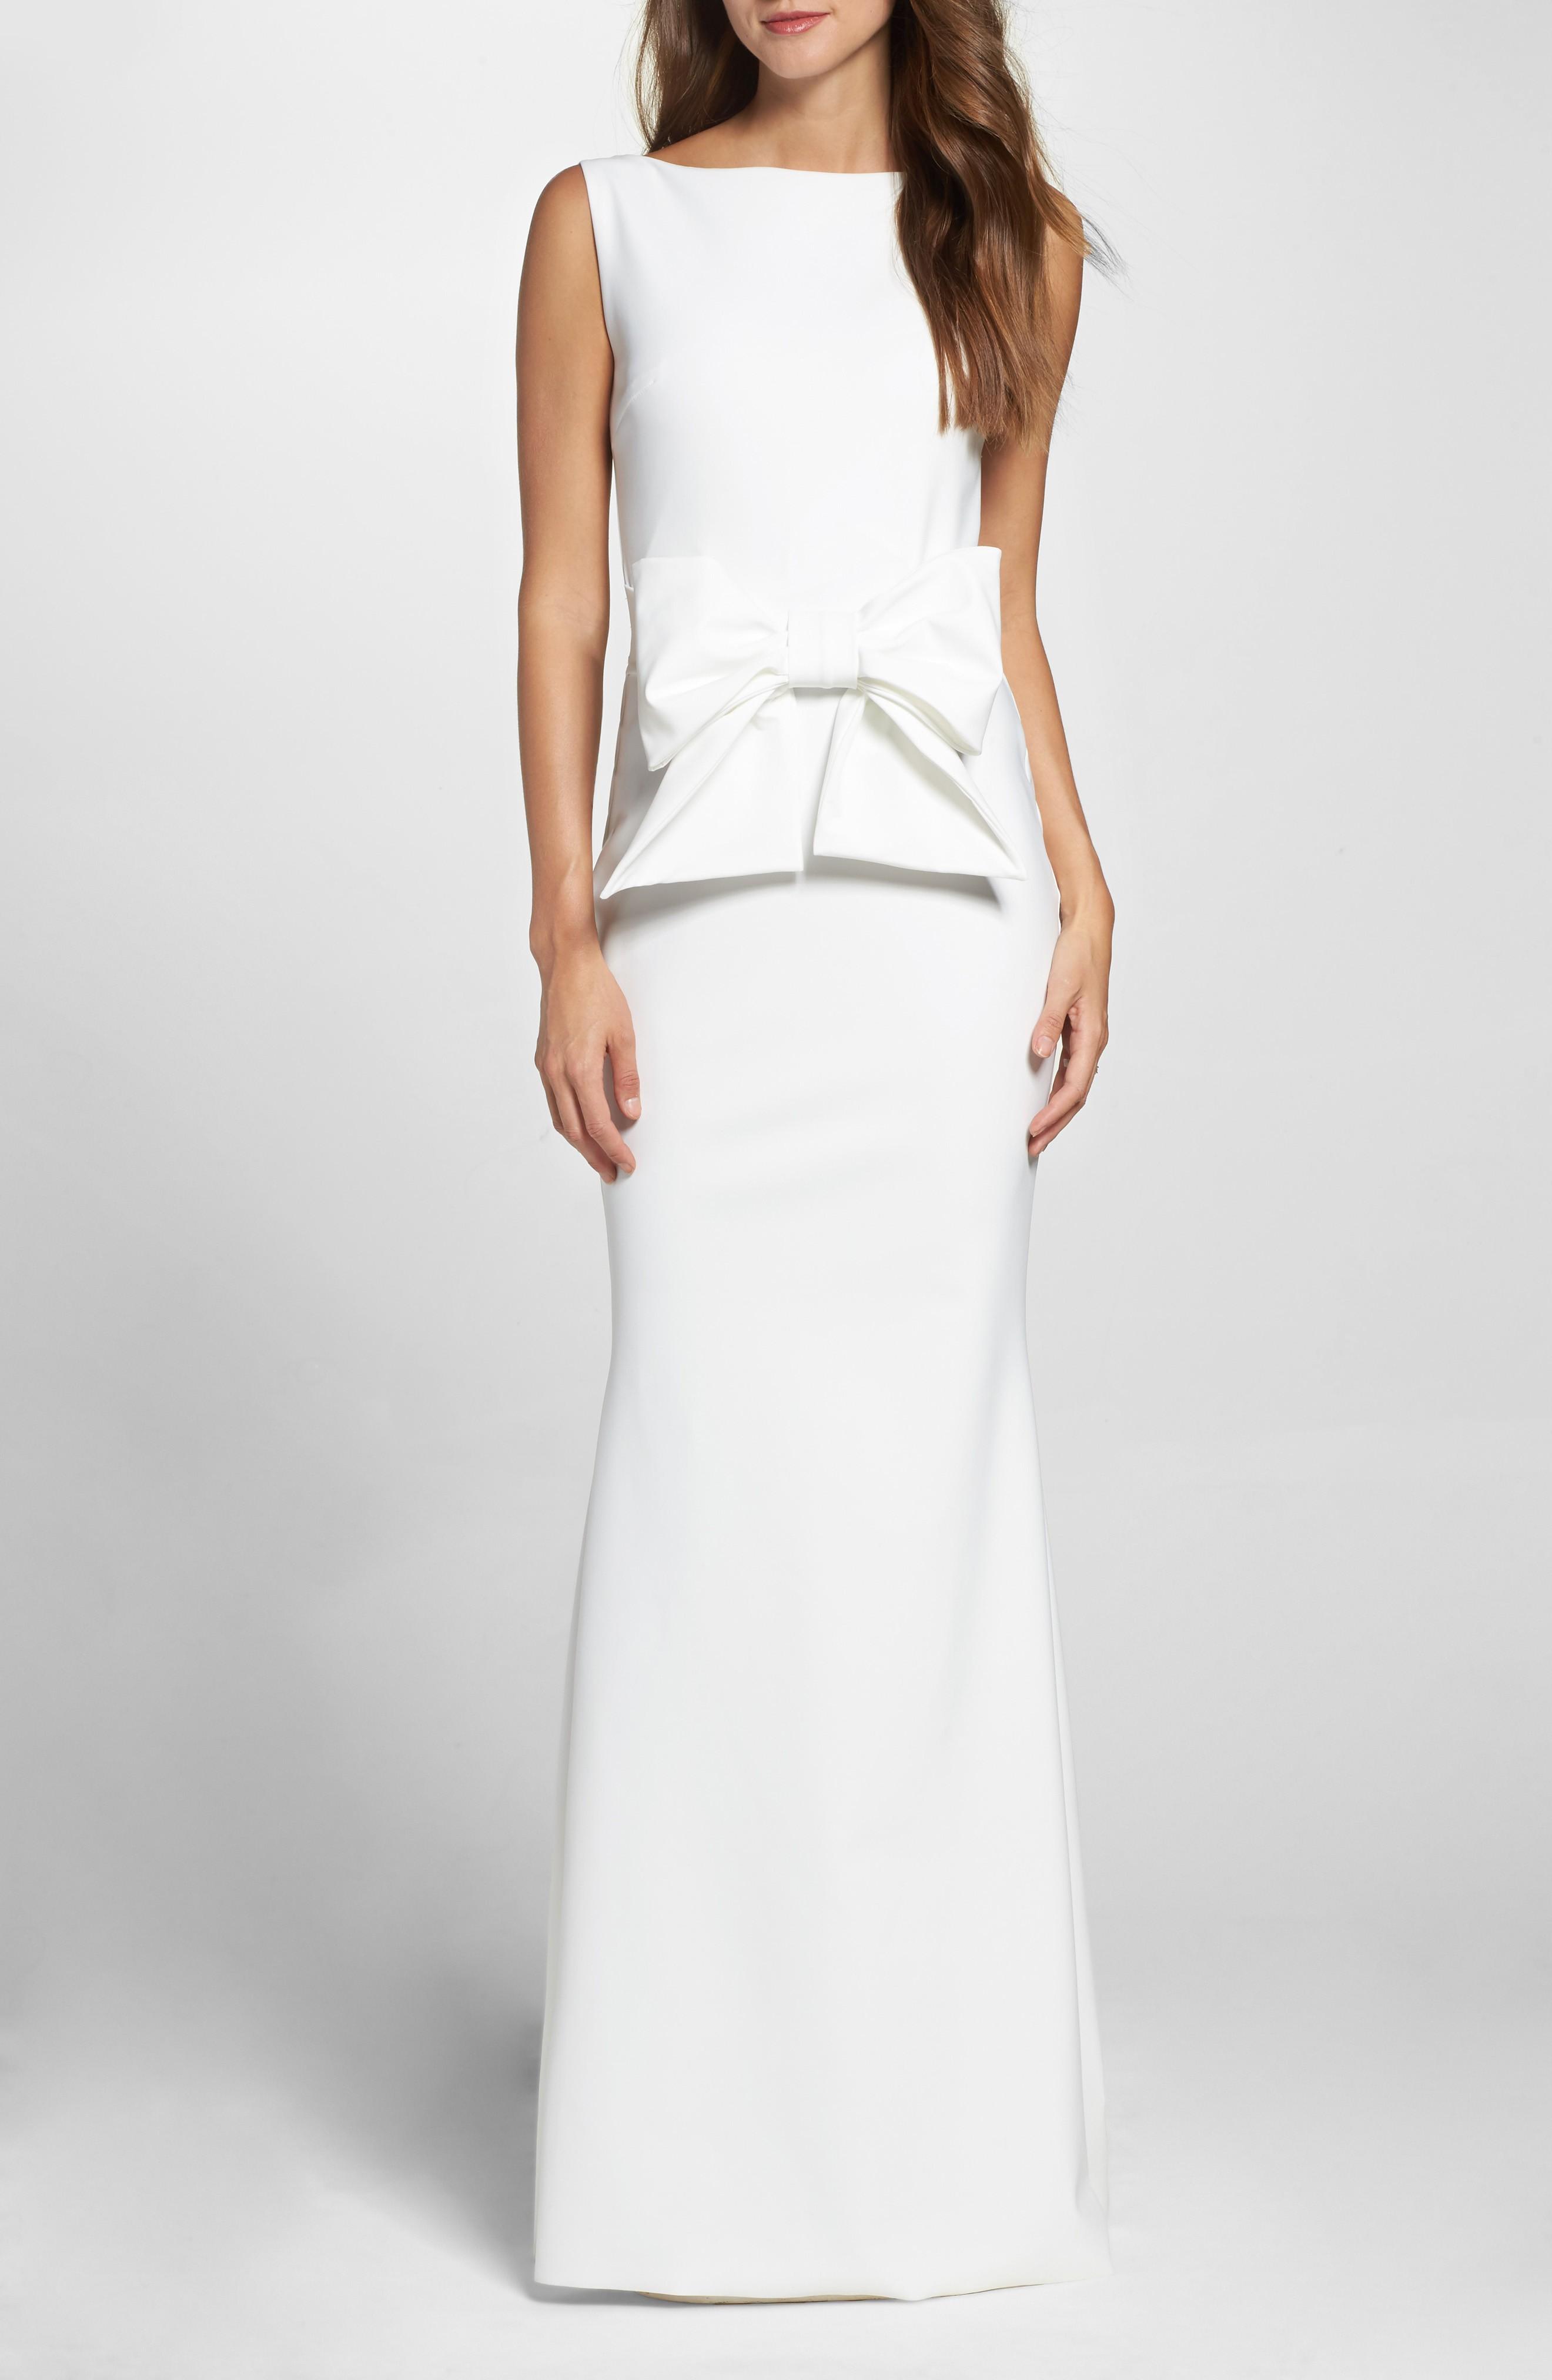 8daeabf9 CHIARA BONI LA PETITE ROBE Bow Detail Sleeveless White Gown - We ...